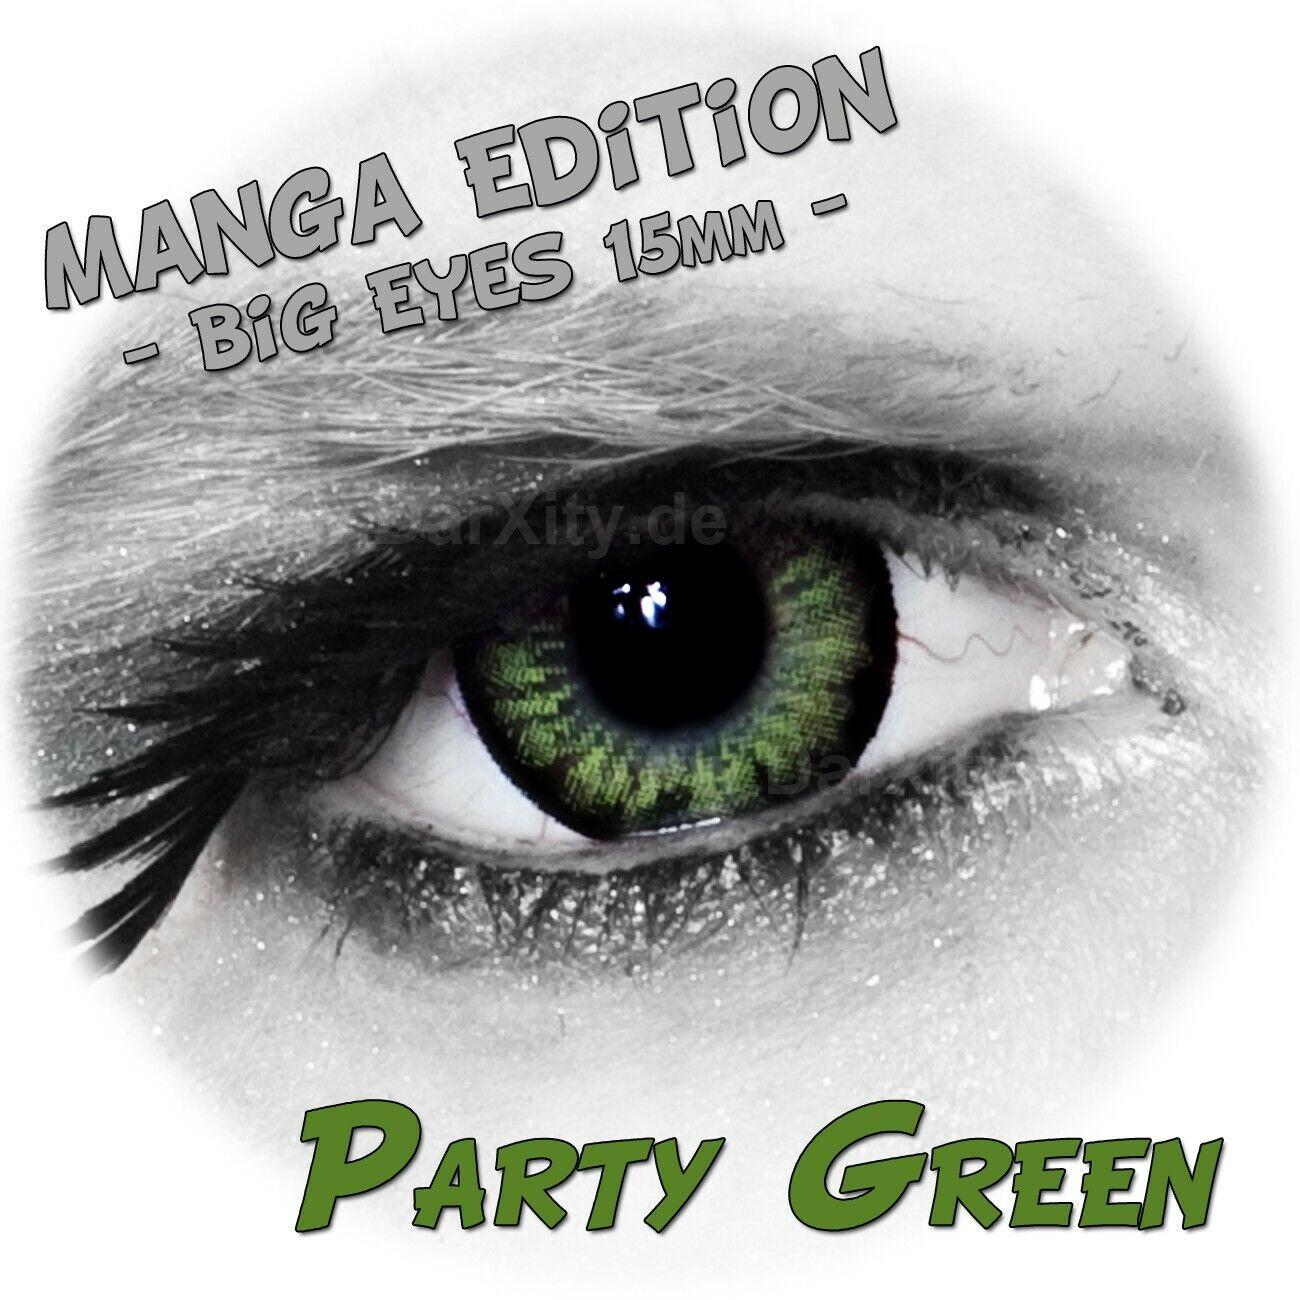 grüne Manga Linsen farbige Kontaktlinsen ohne Sehstärke Big Eyes für große Augen